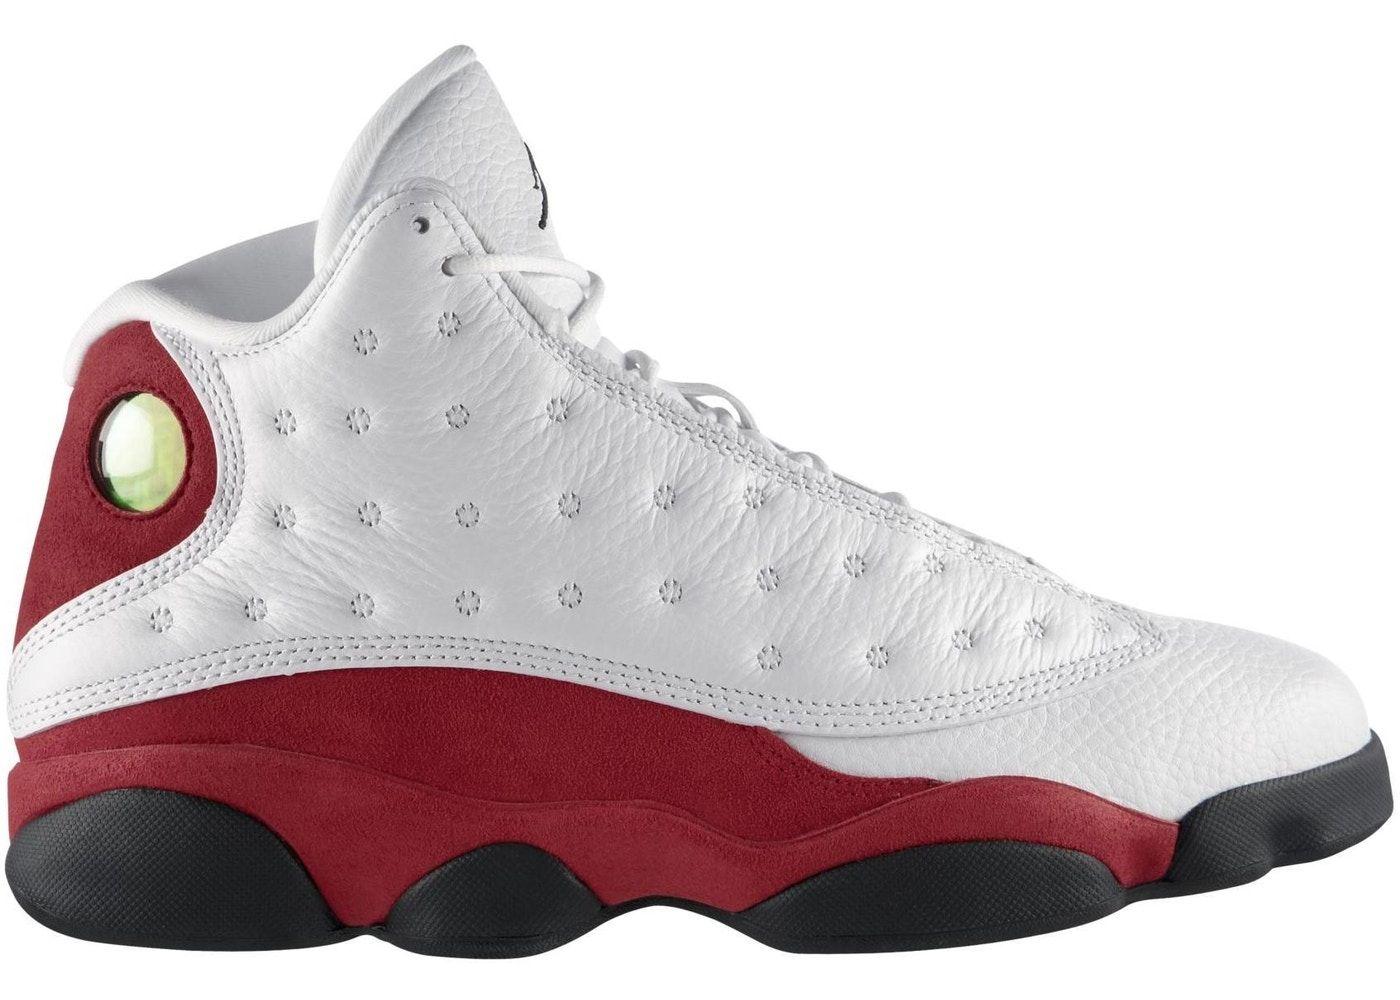 Jordans, Jordan 13, Mens nike shoes